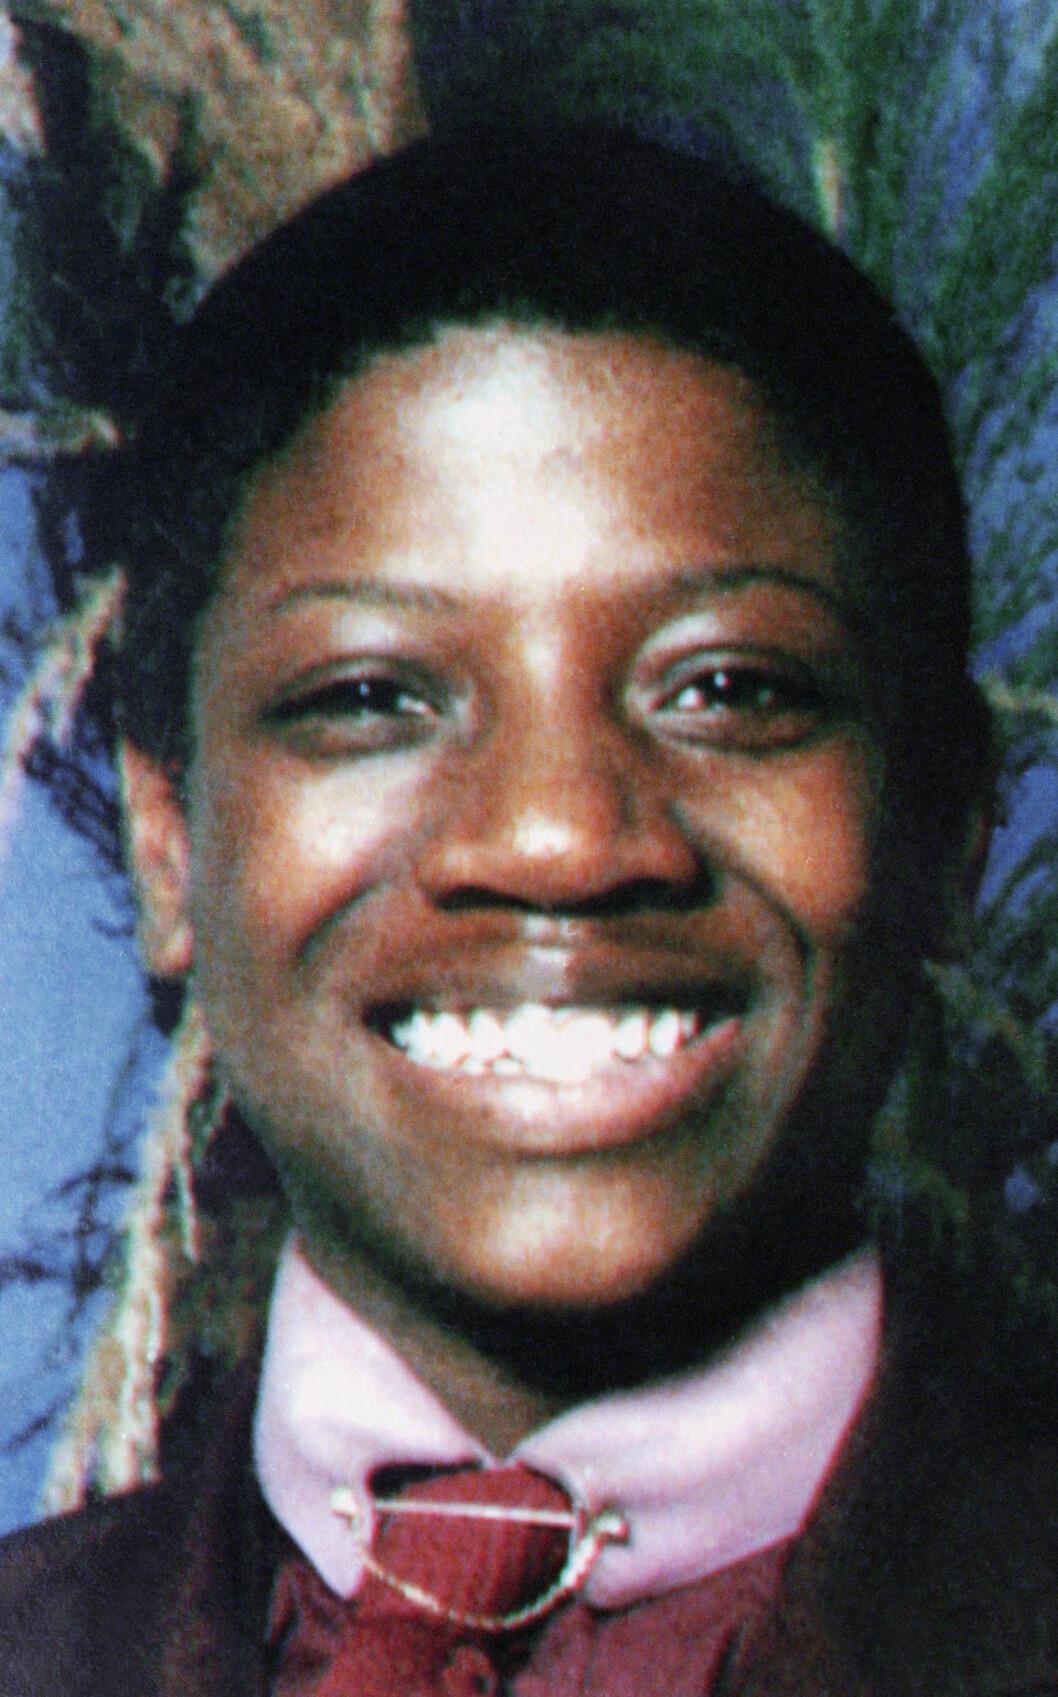 OFFER: Errol Lindsay ble bare 19 år. Han ble drept 7. april 1991. Foto: NTB Scanpix